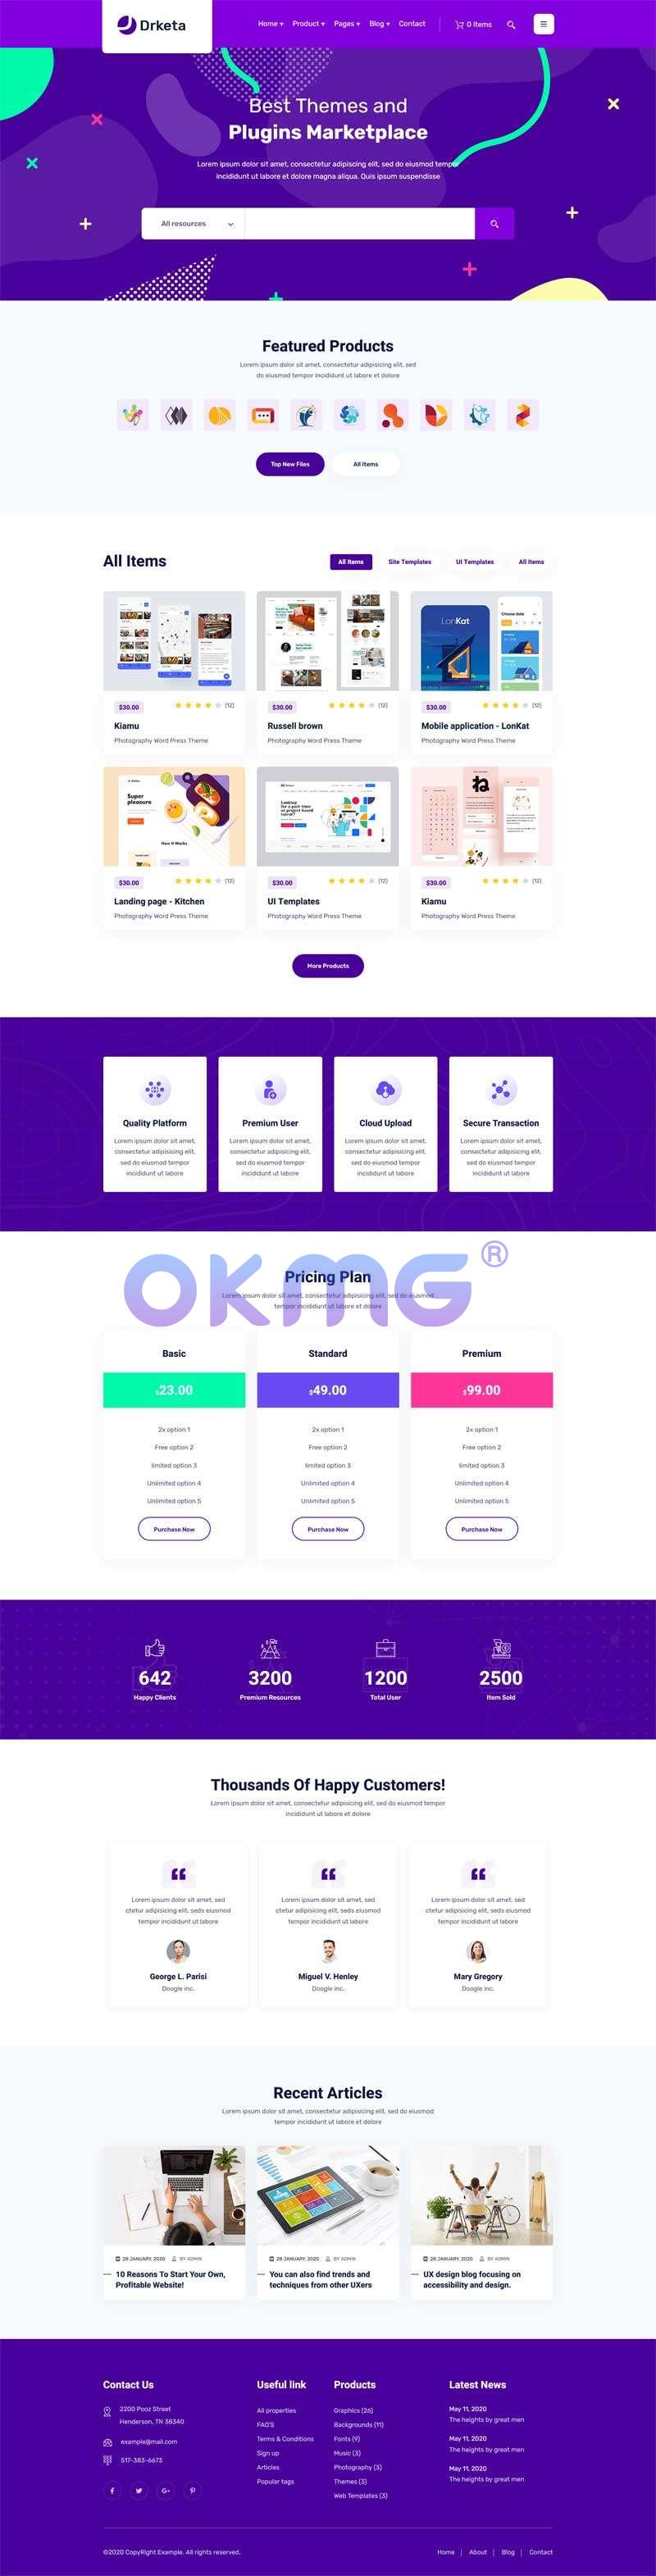 图片广告设计交易平台网页模板